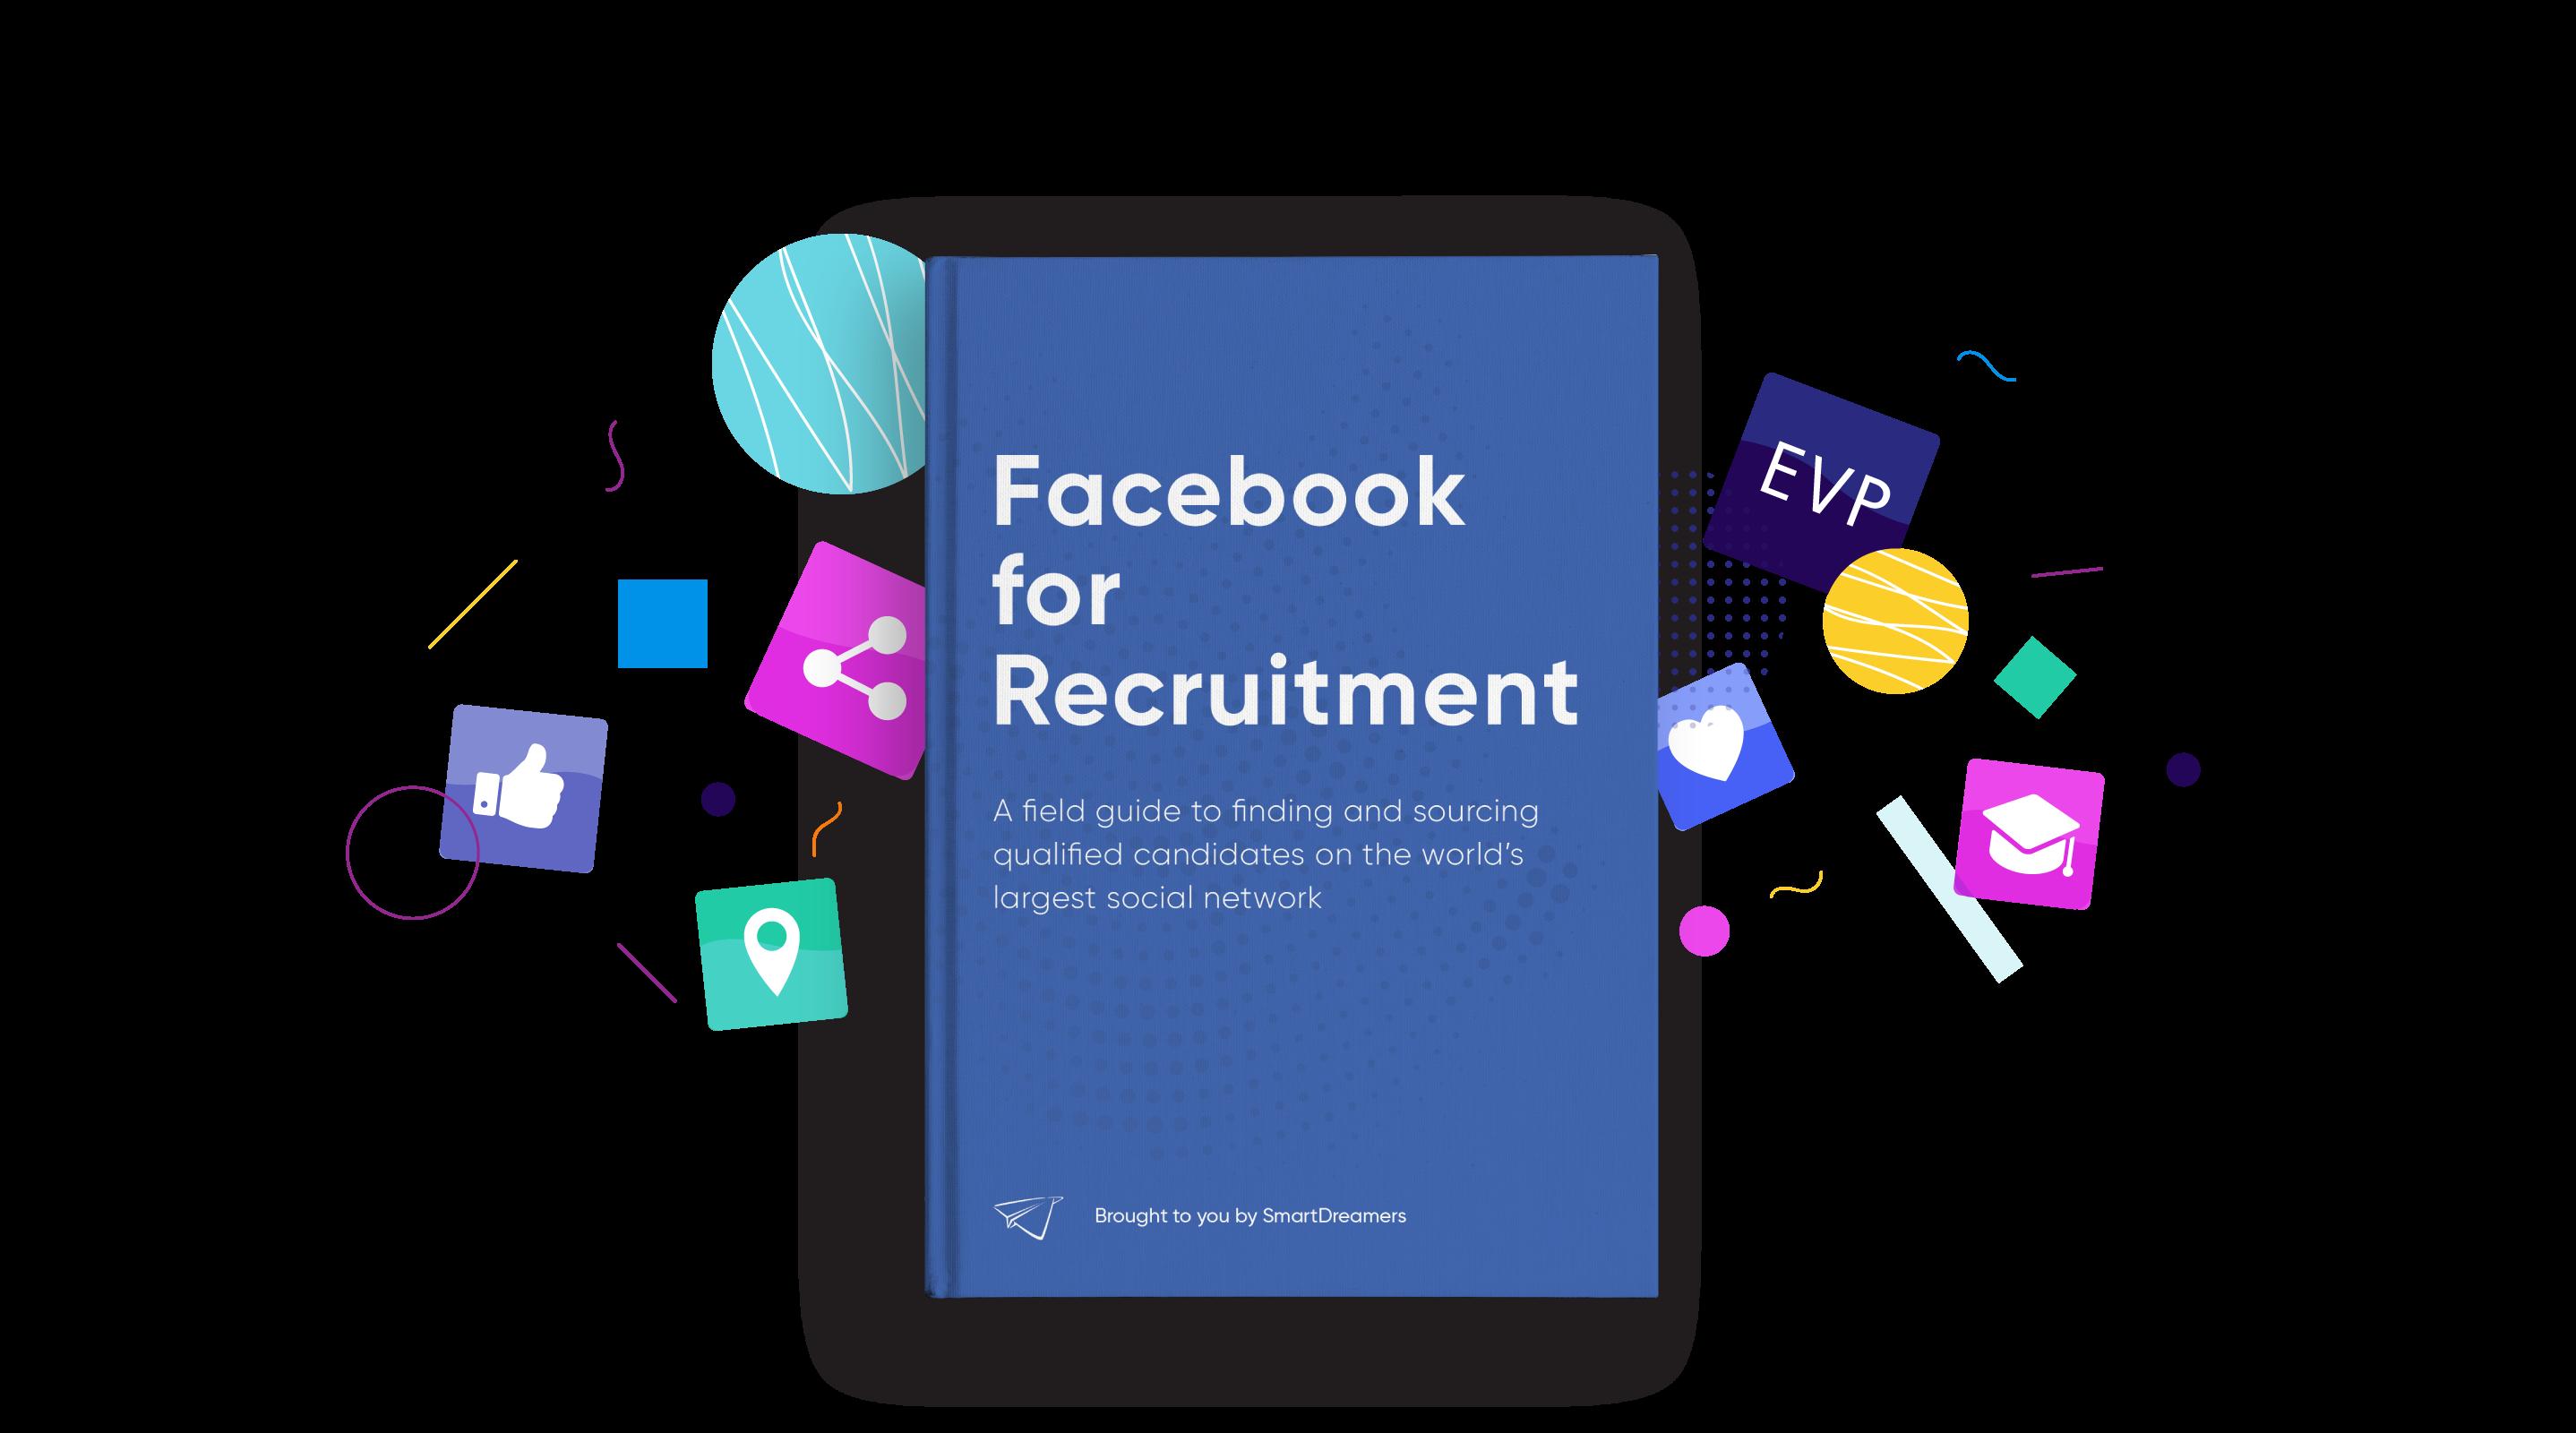 Fb recruitment blog post endings